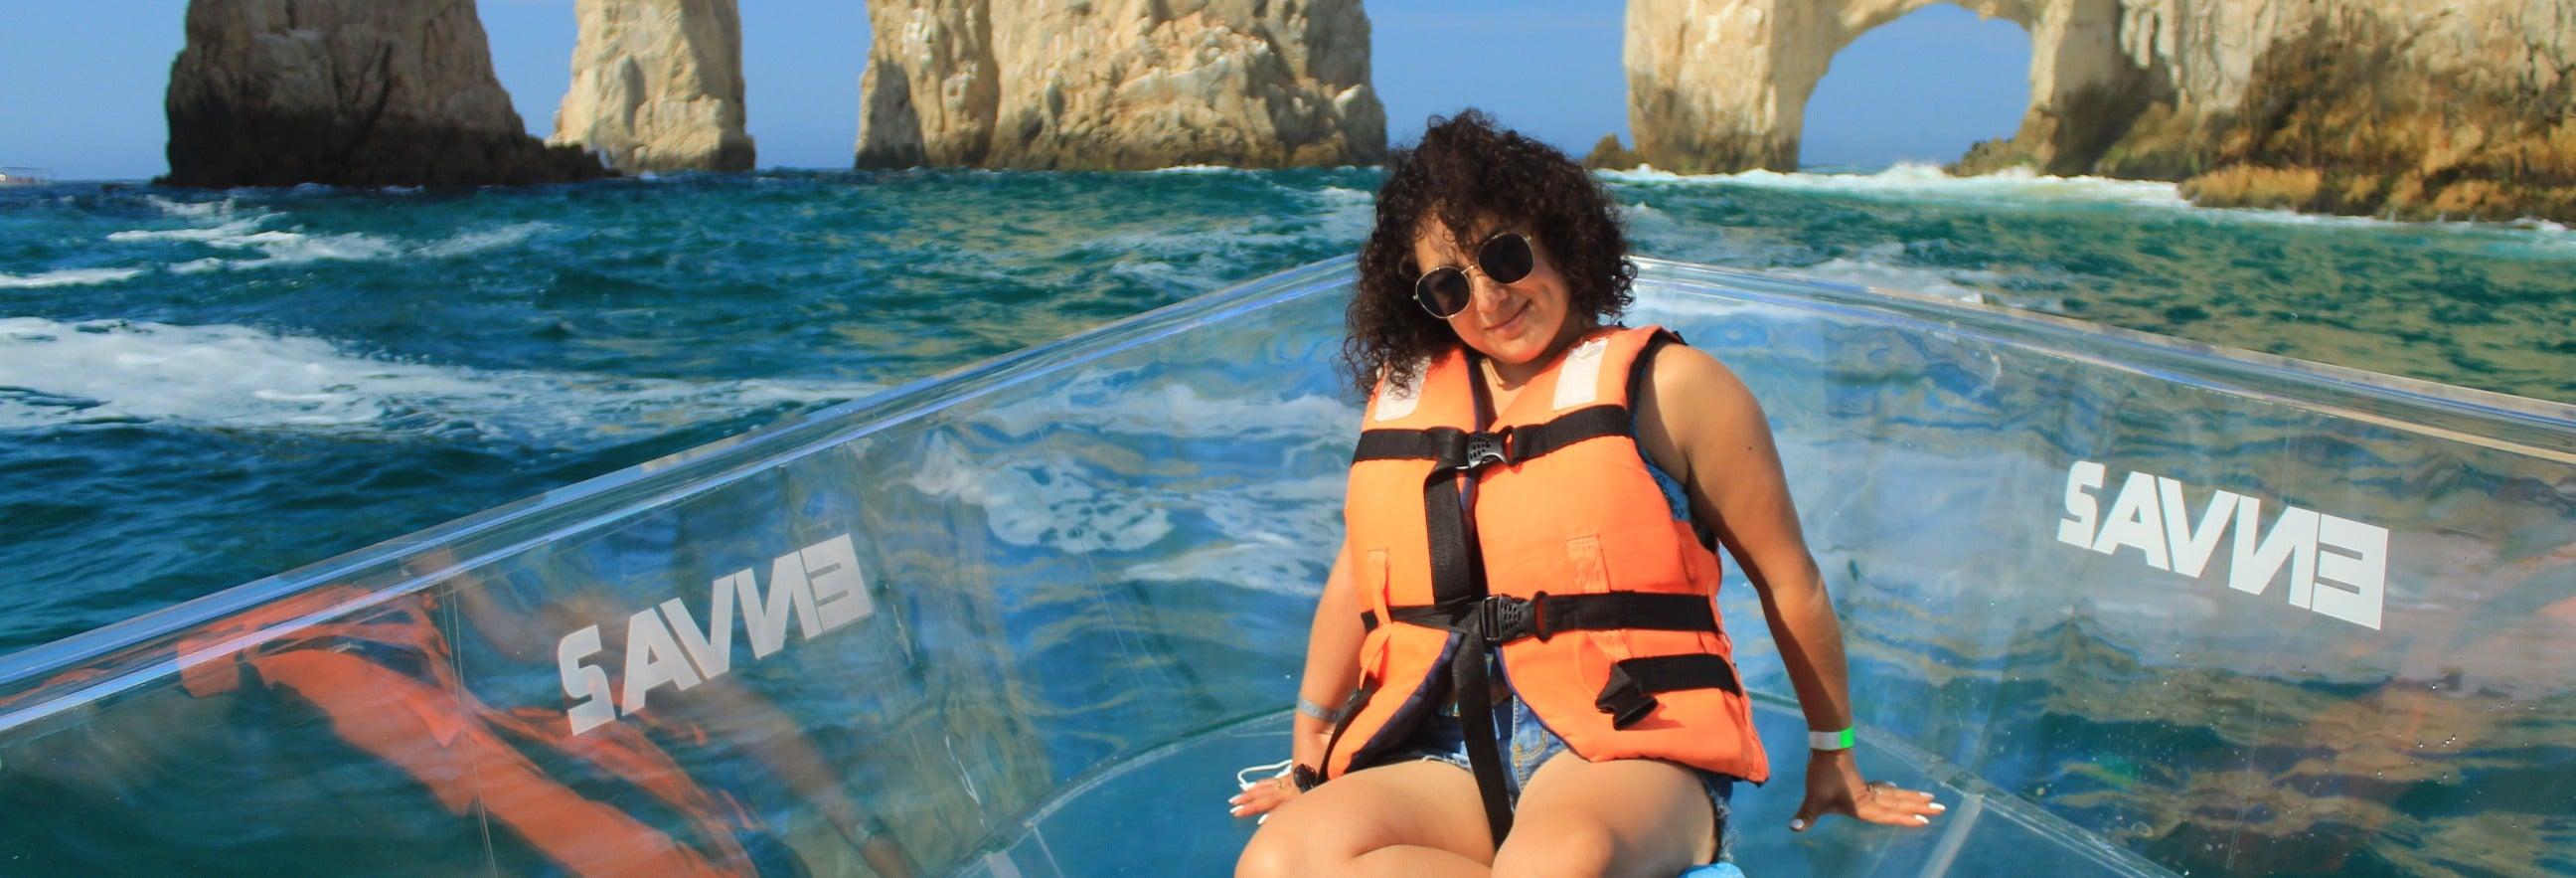 Passeio de barco transparente por Los Cabos